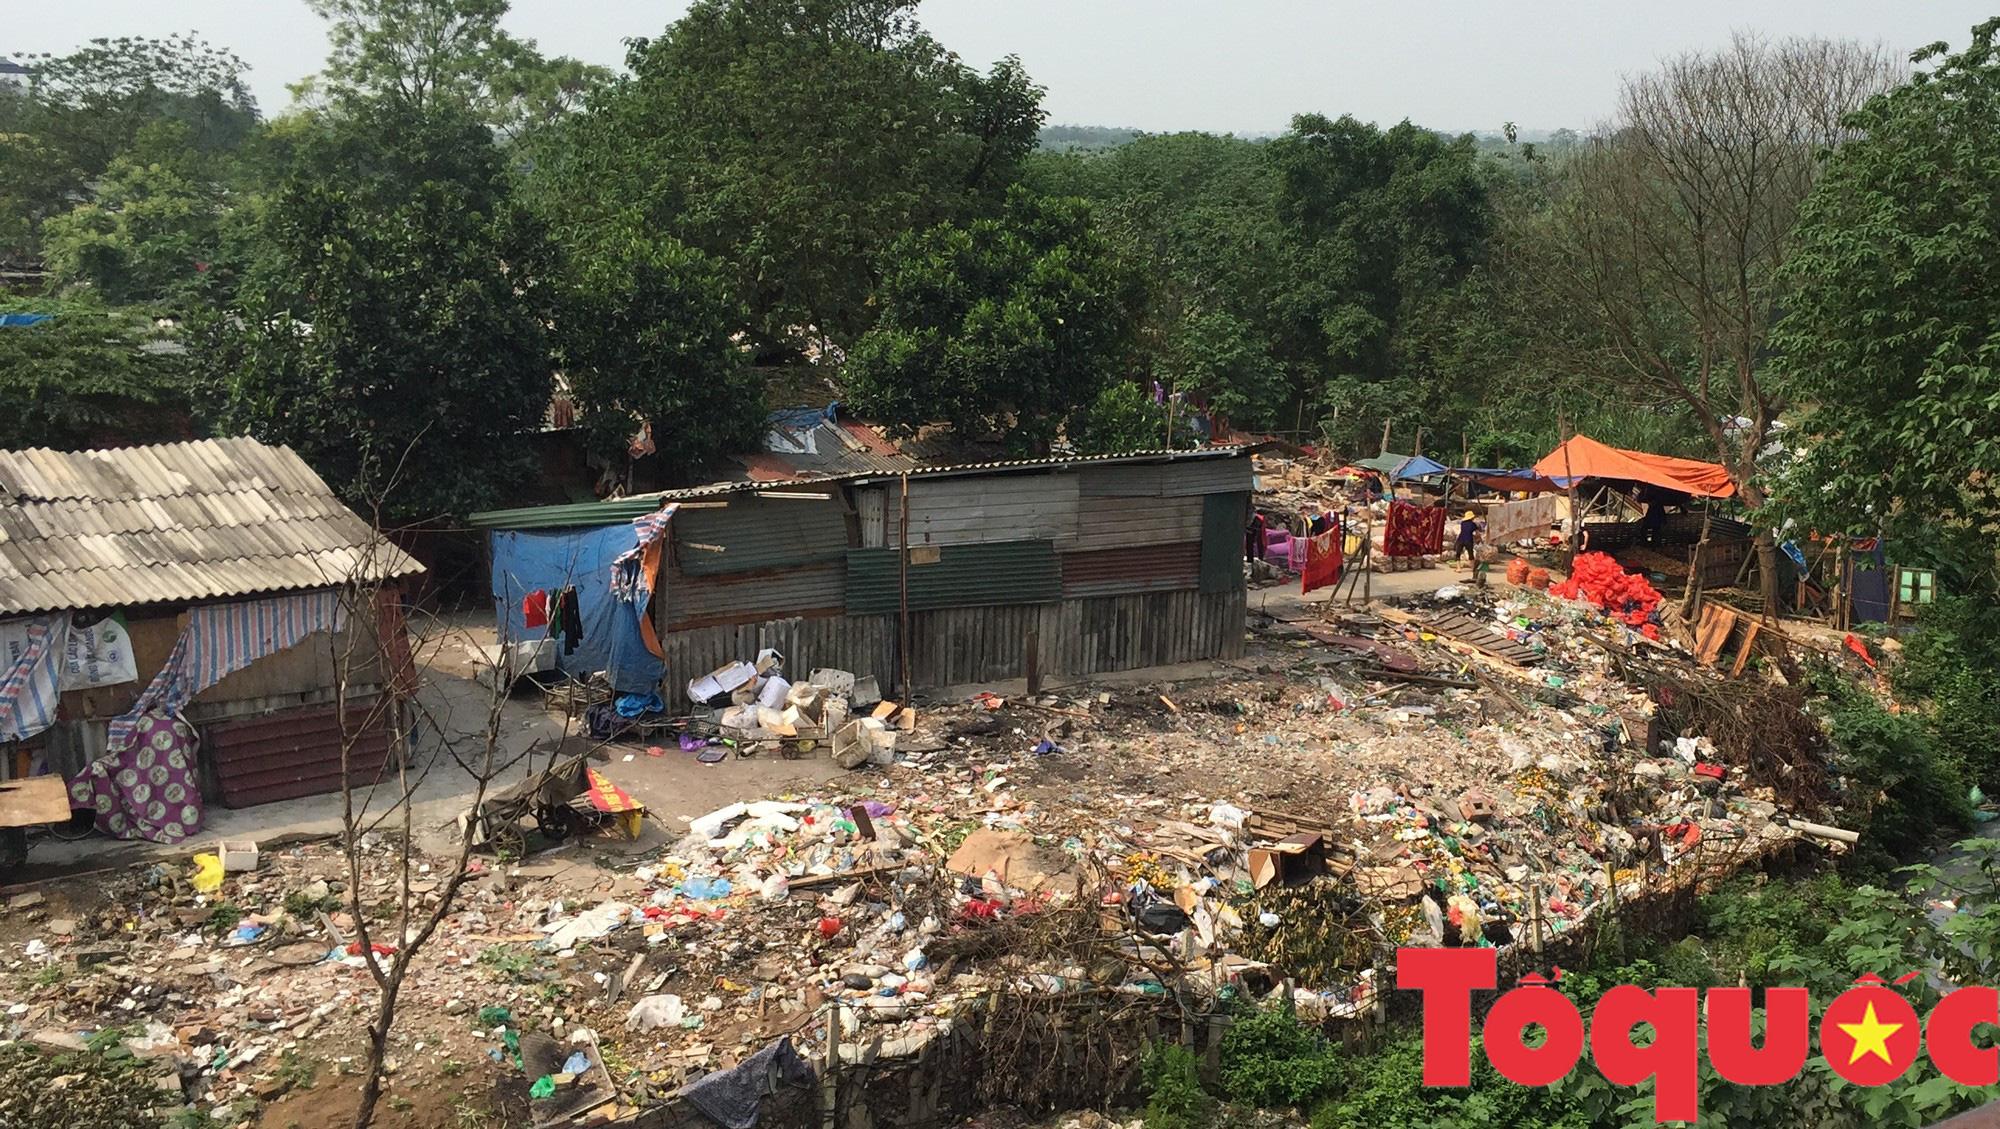 Kỳ 1 - Ô nhiễm môi trường: Con sông, tuyến đường ngập rác - Ảnh 1.